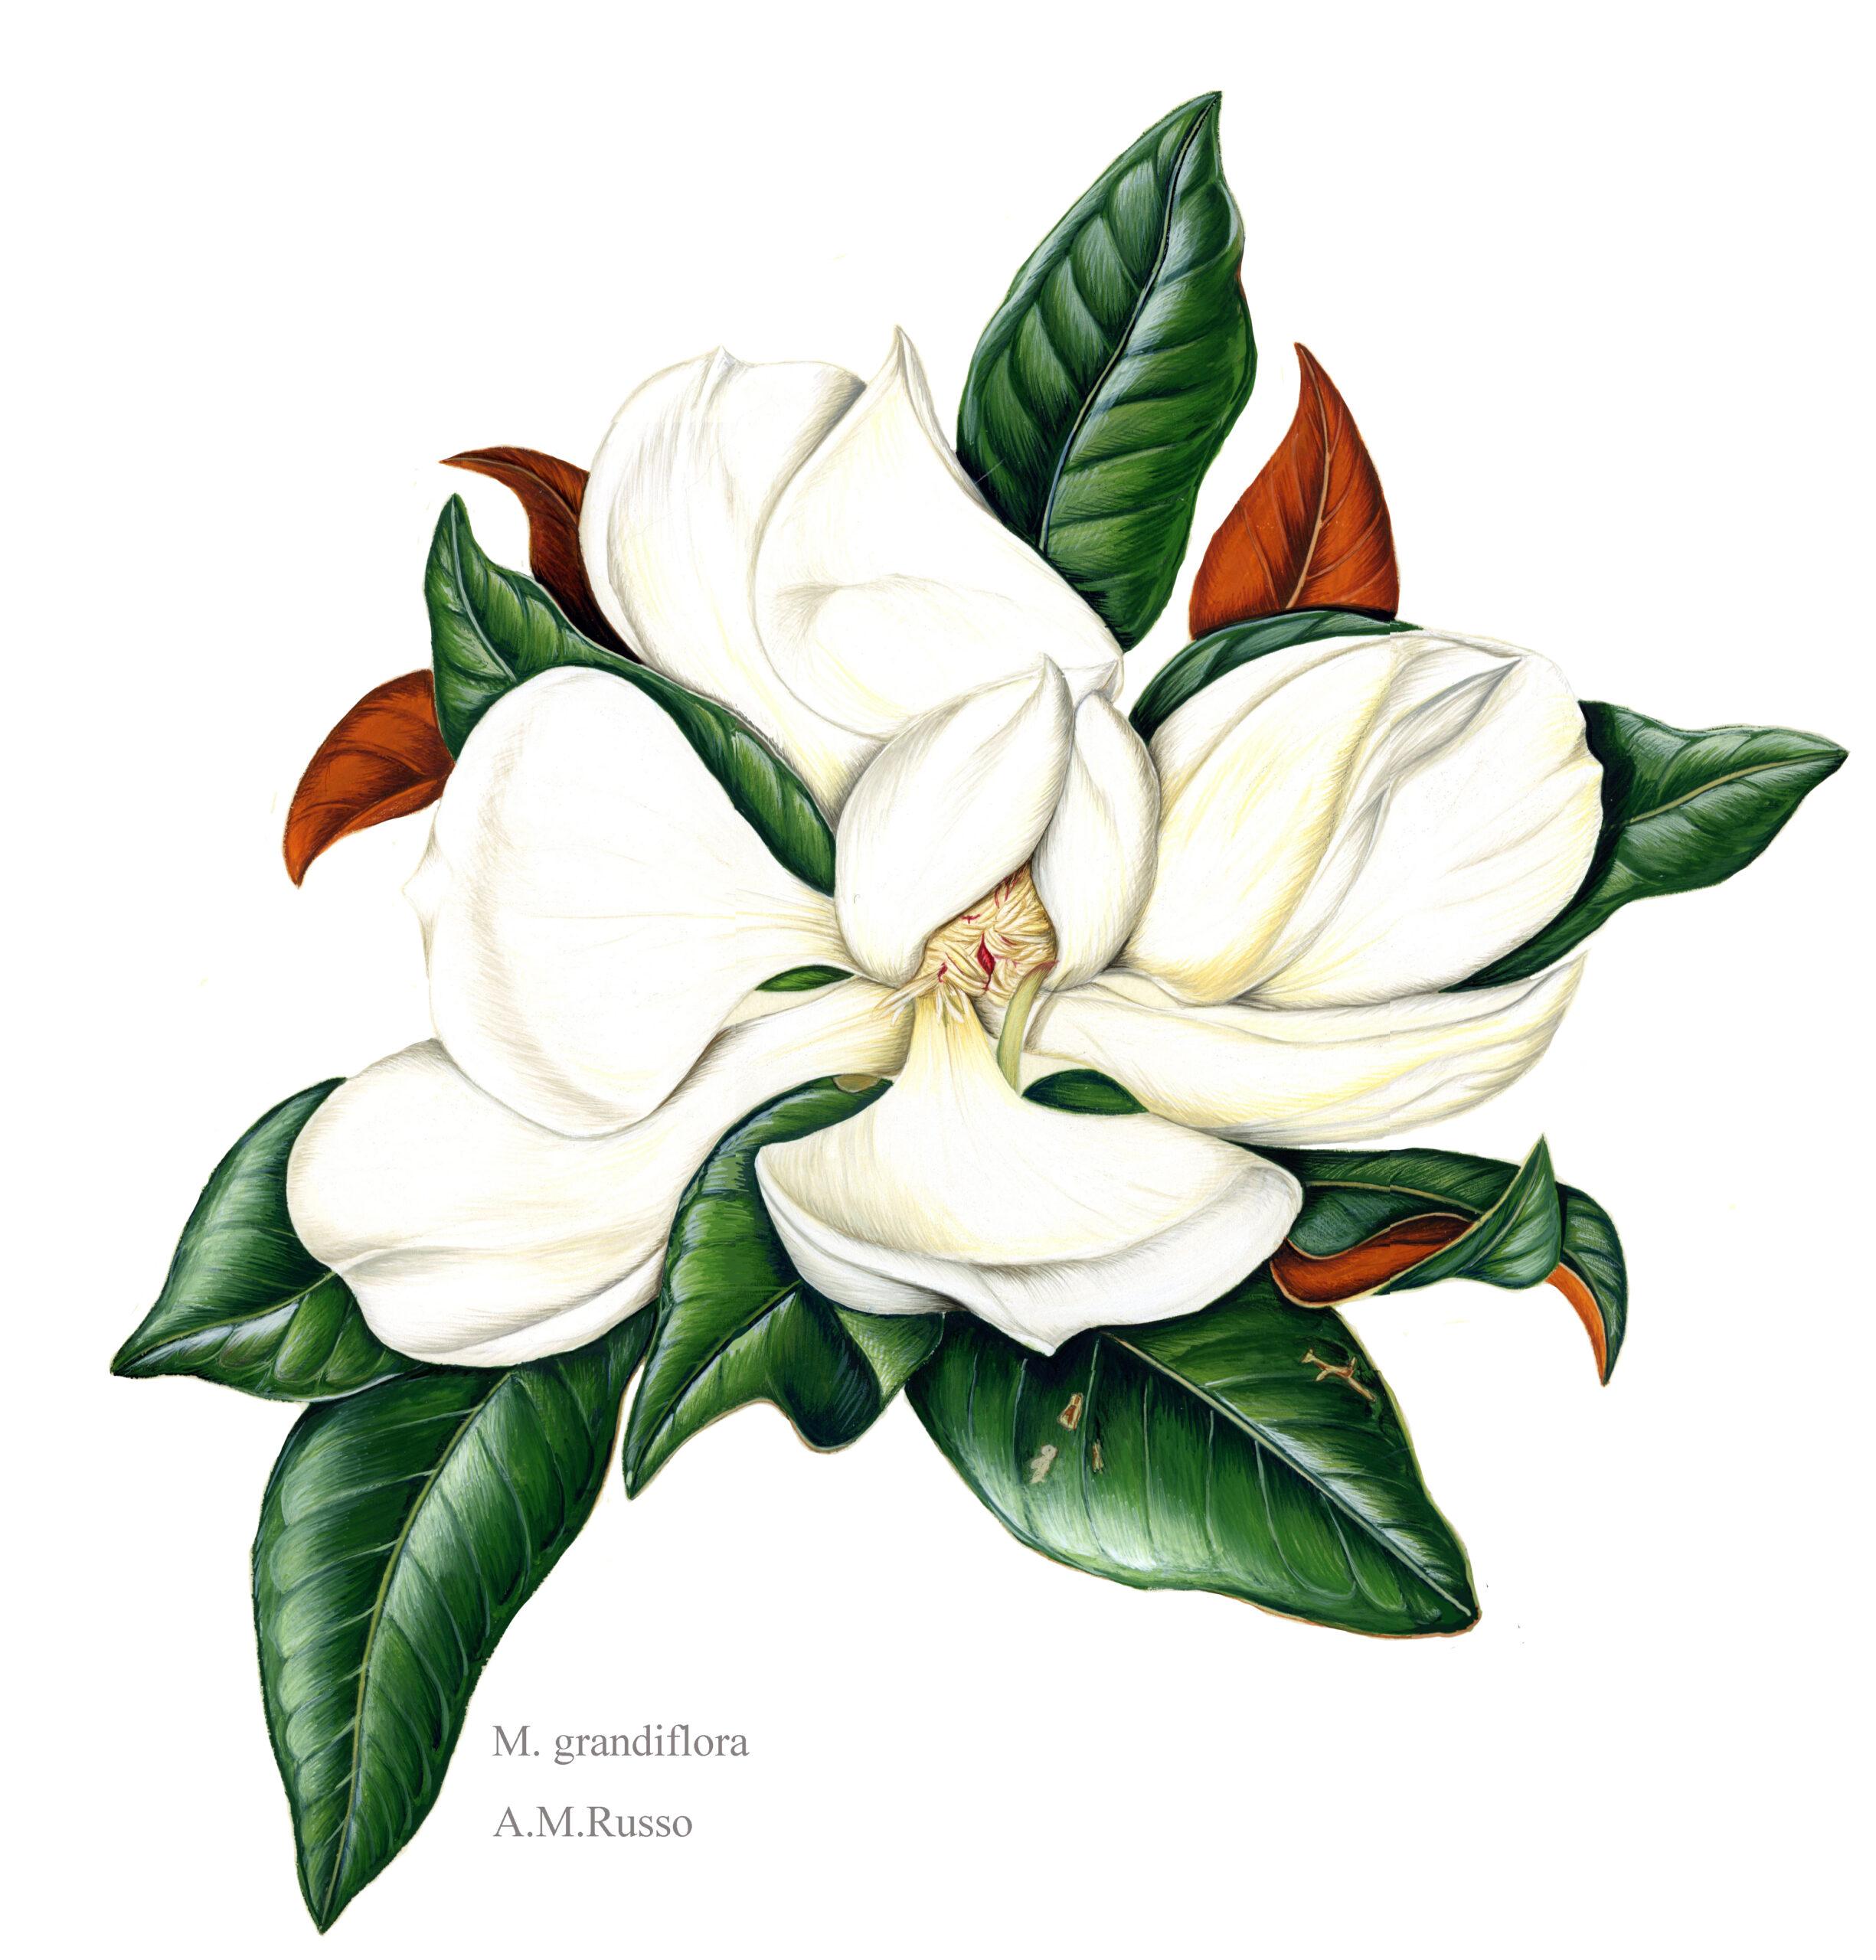 Grandiflora magnolia disegni